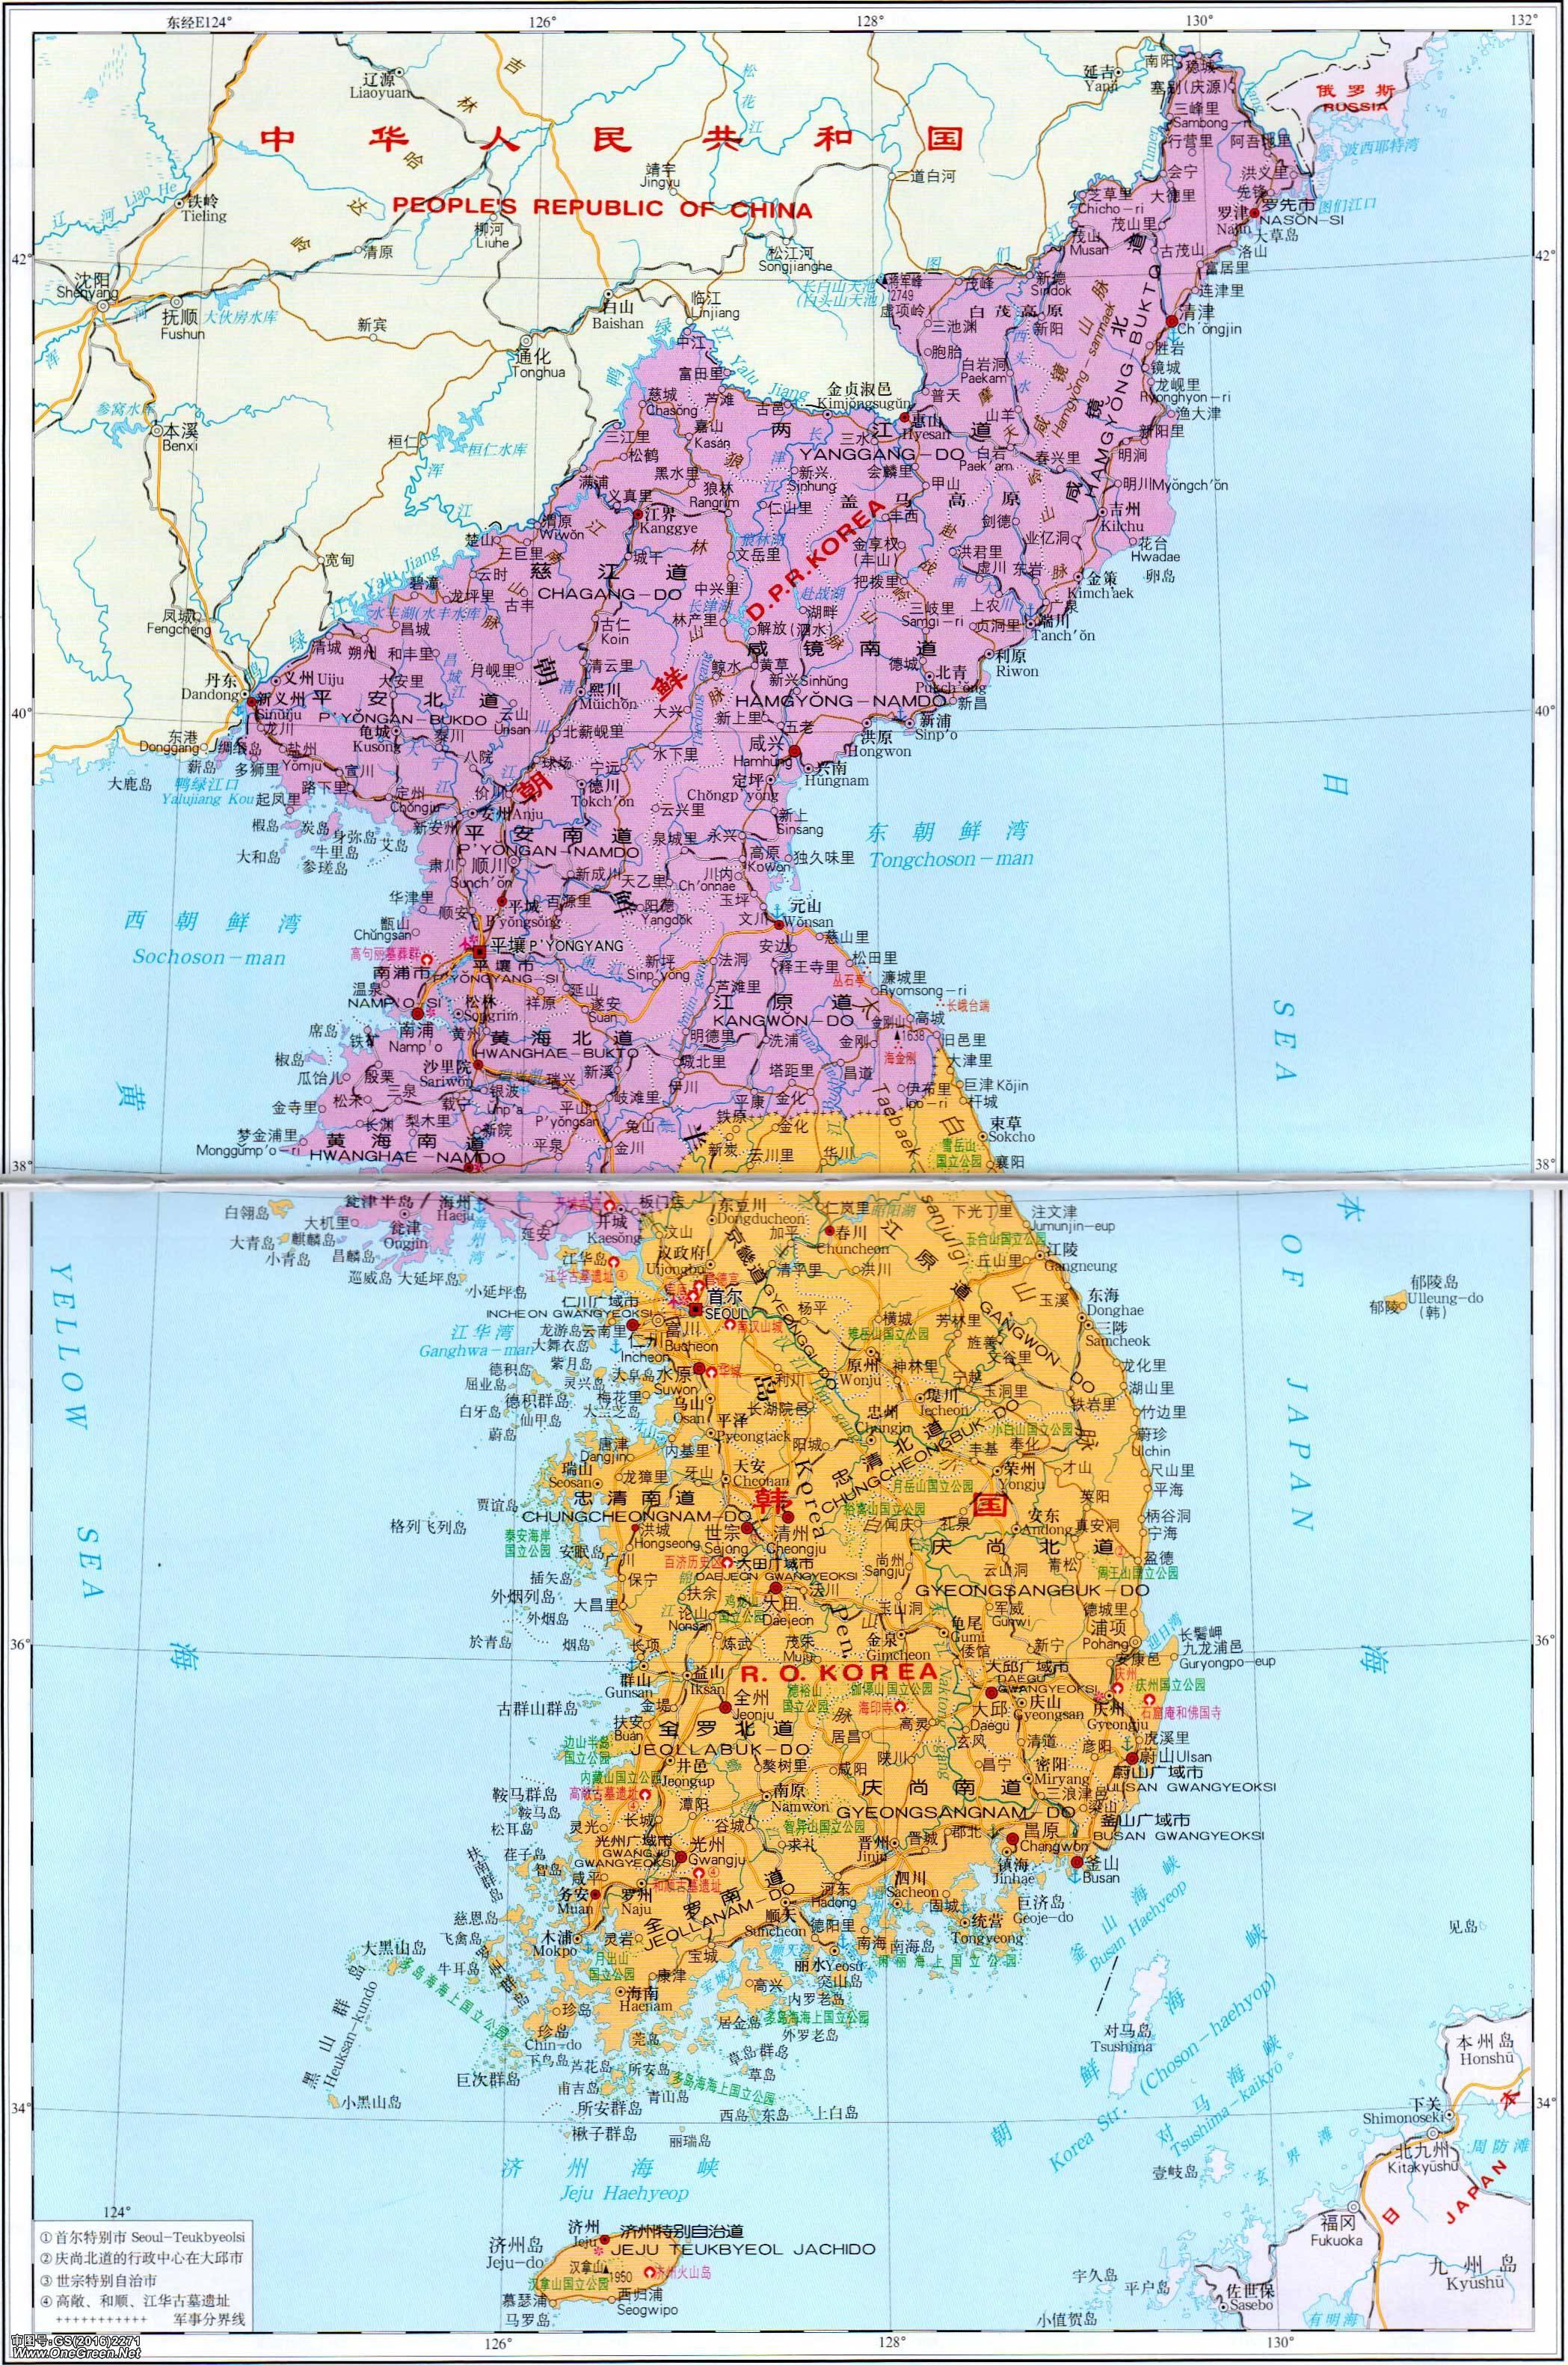 土耳其地图中文版_朝鲜地图高清中文版_朝鲜地图库_地图窝